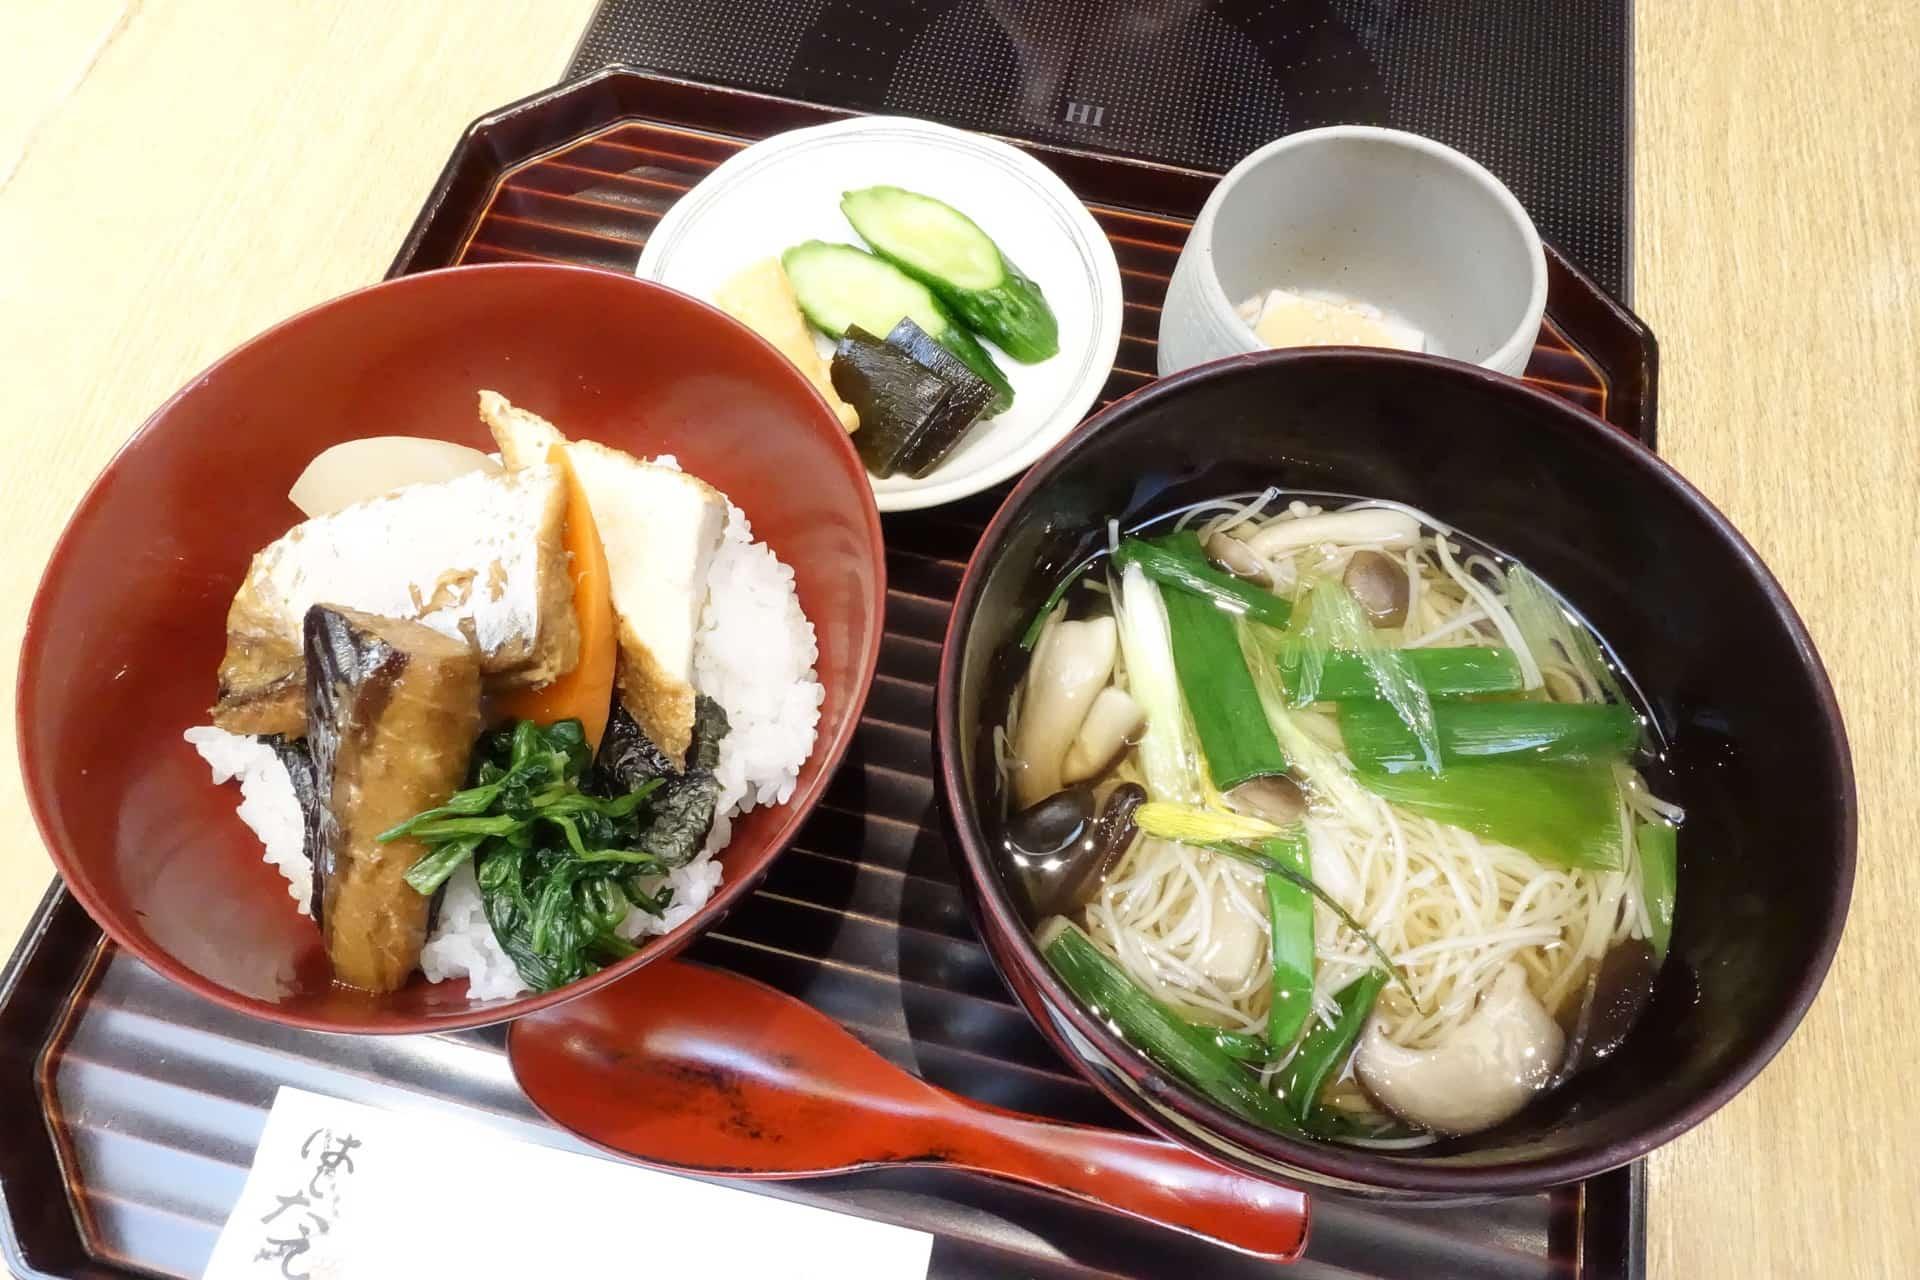 京都駅・スバコにある「はしたて」でランチ。混雑必至でも並ぶ価値アリでおすすめ和食